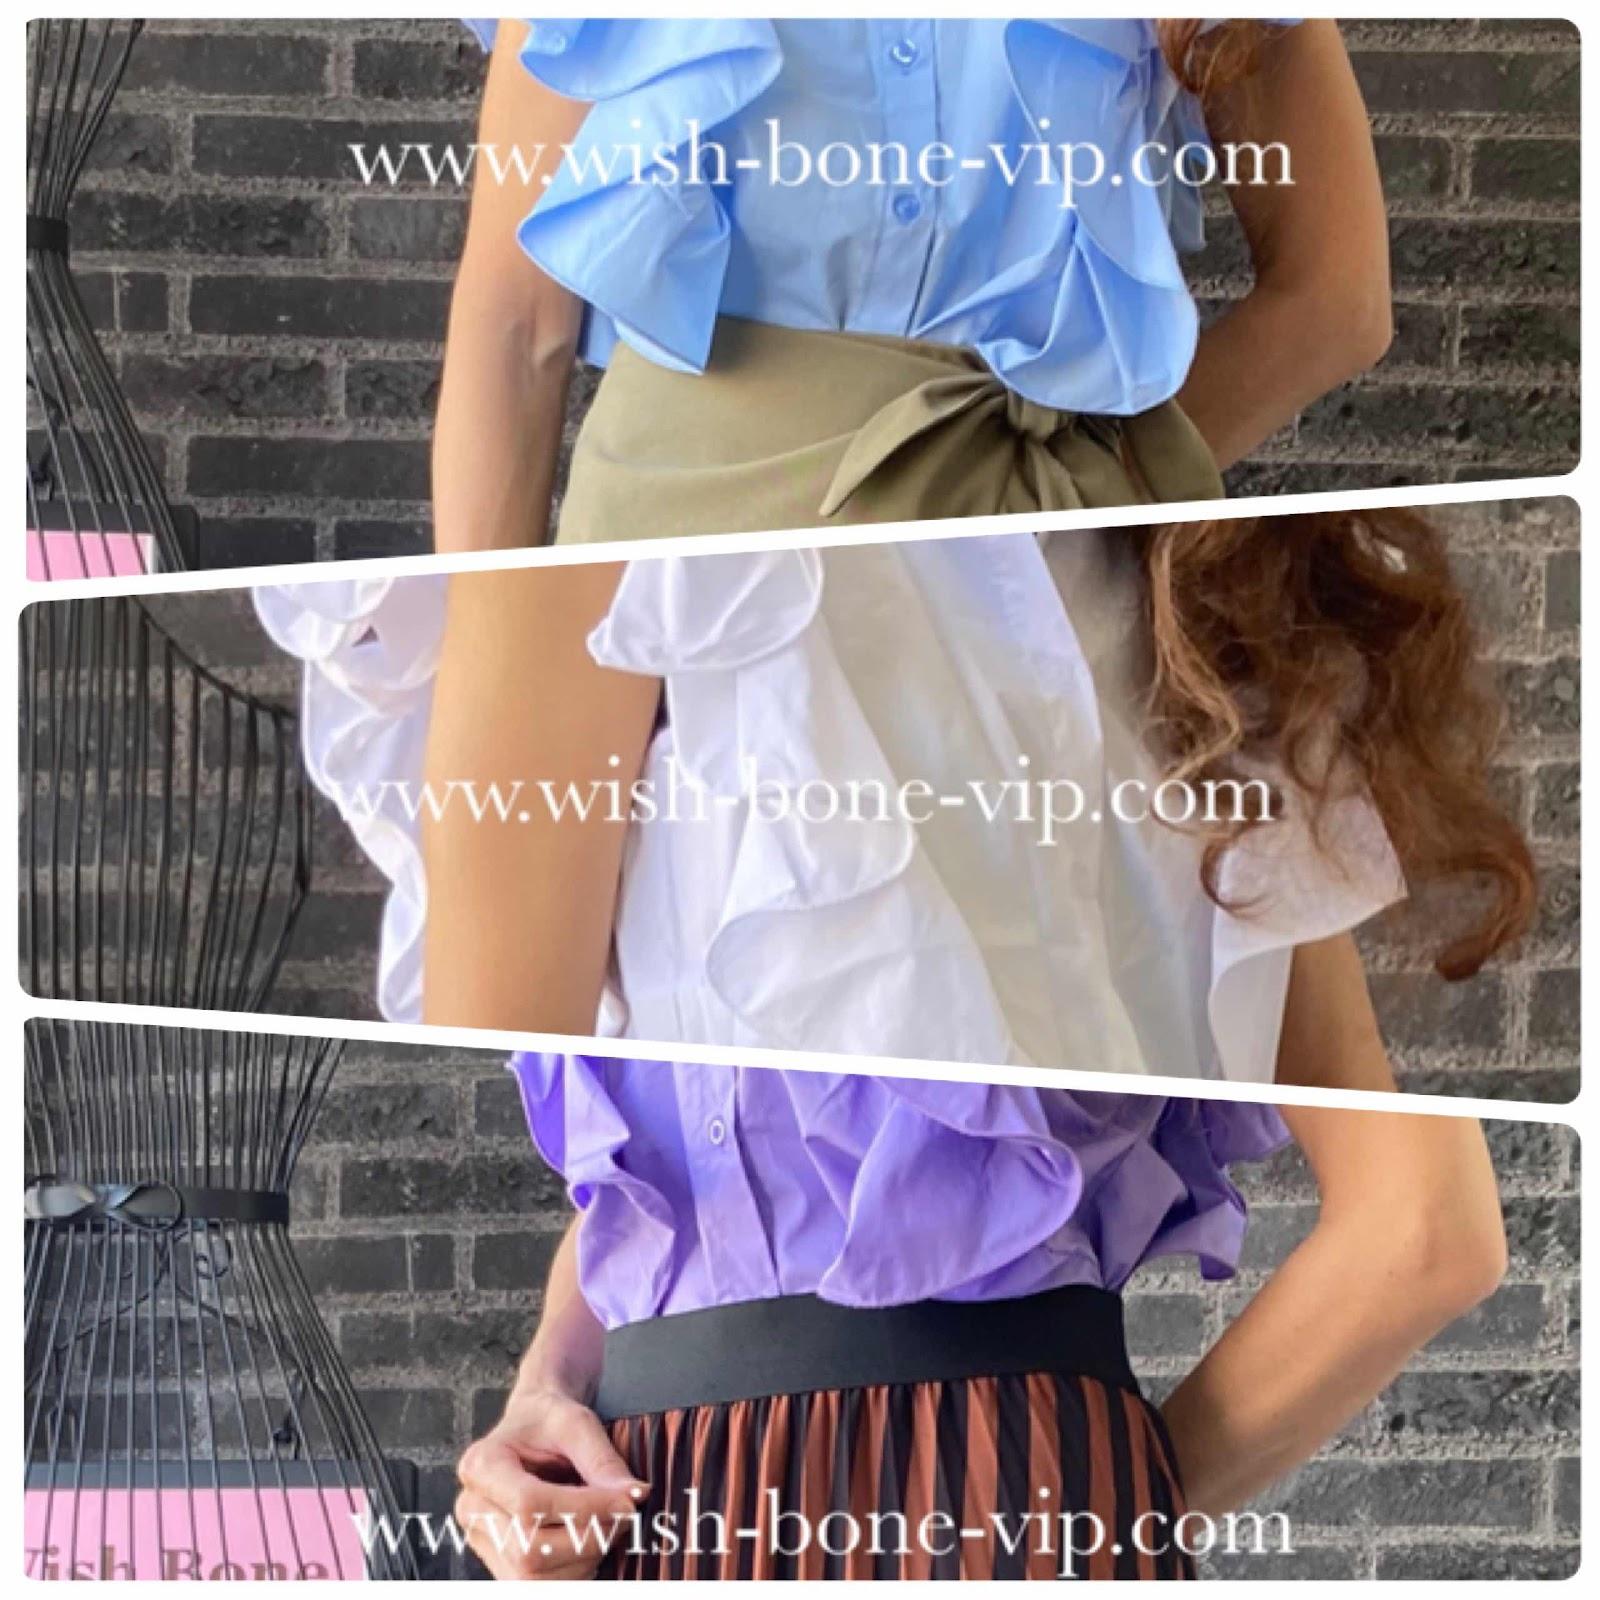 インポートセレクトショップ/イタリアインポートファッション通販wishbonevip 大阪難波